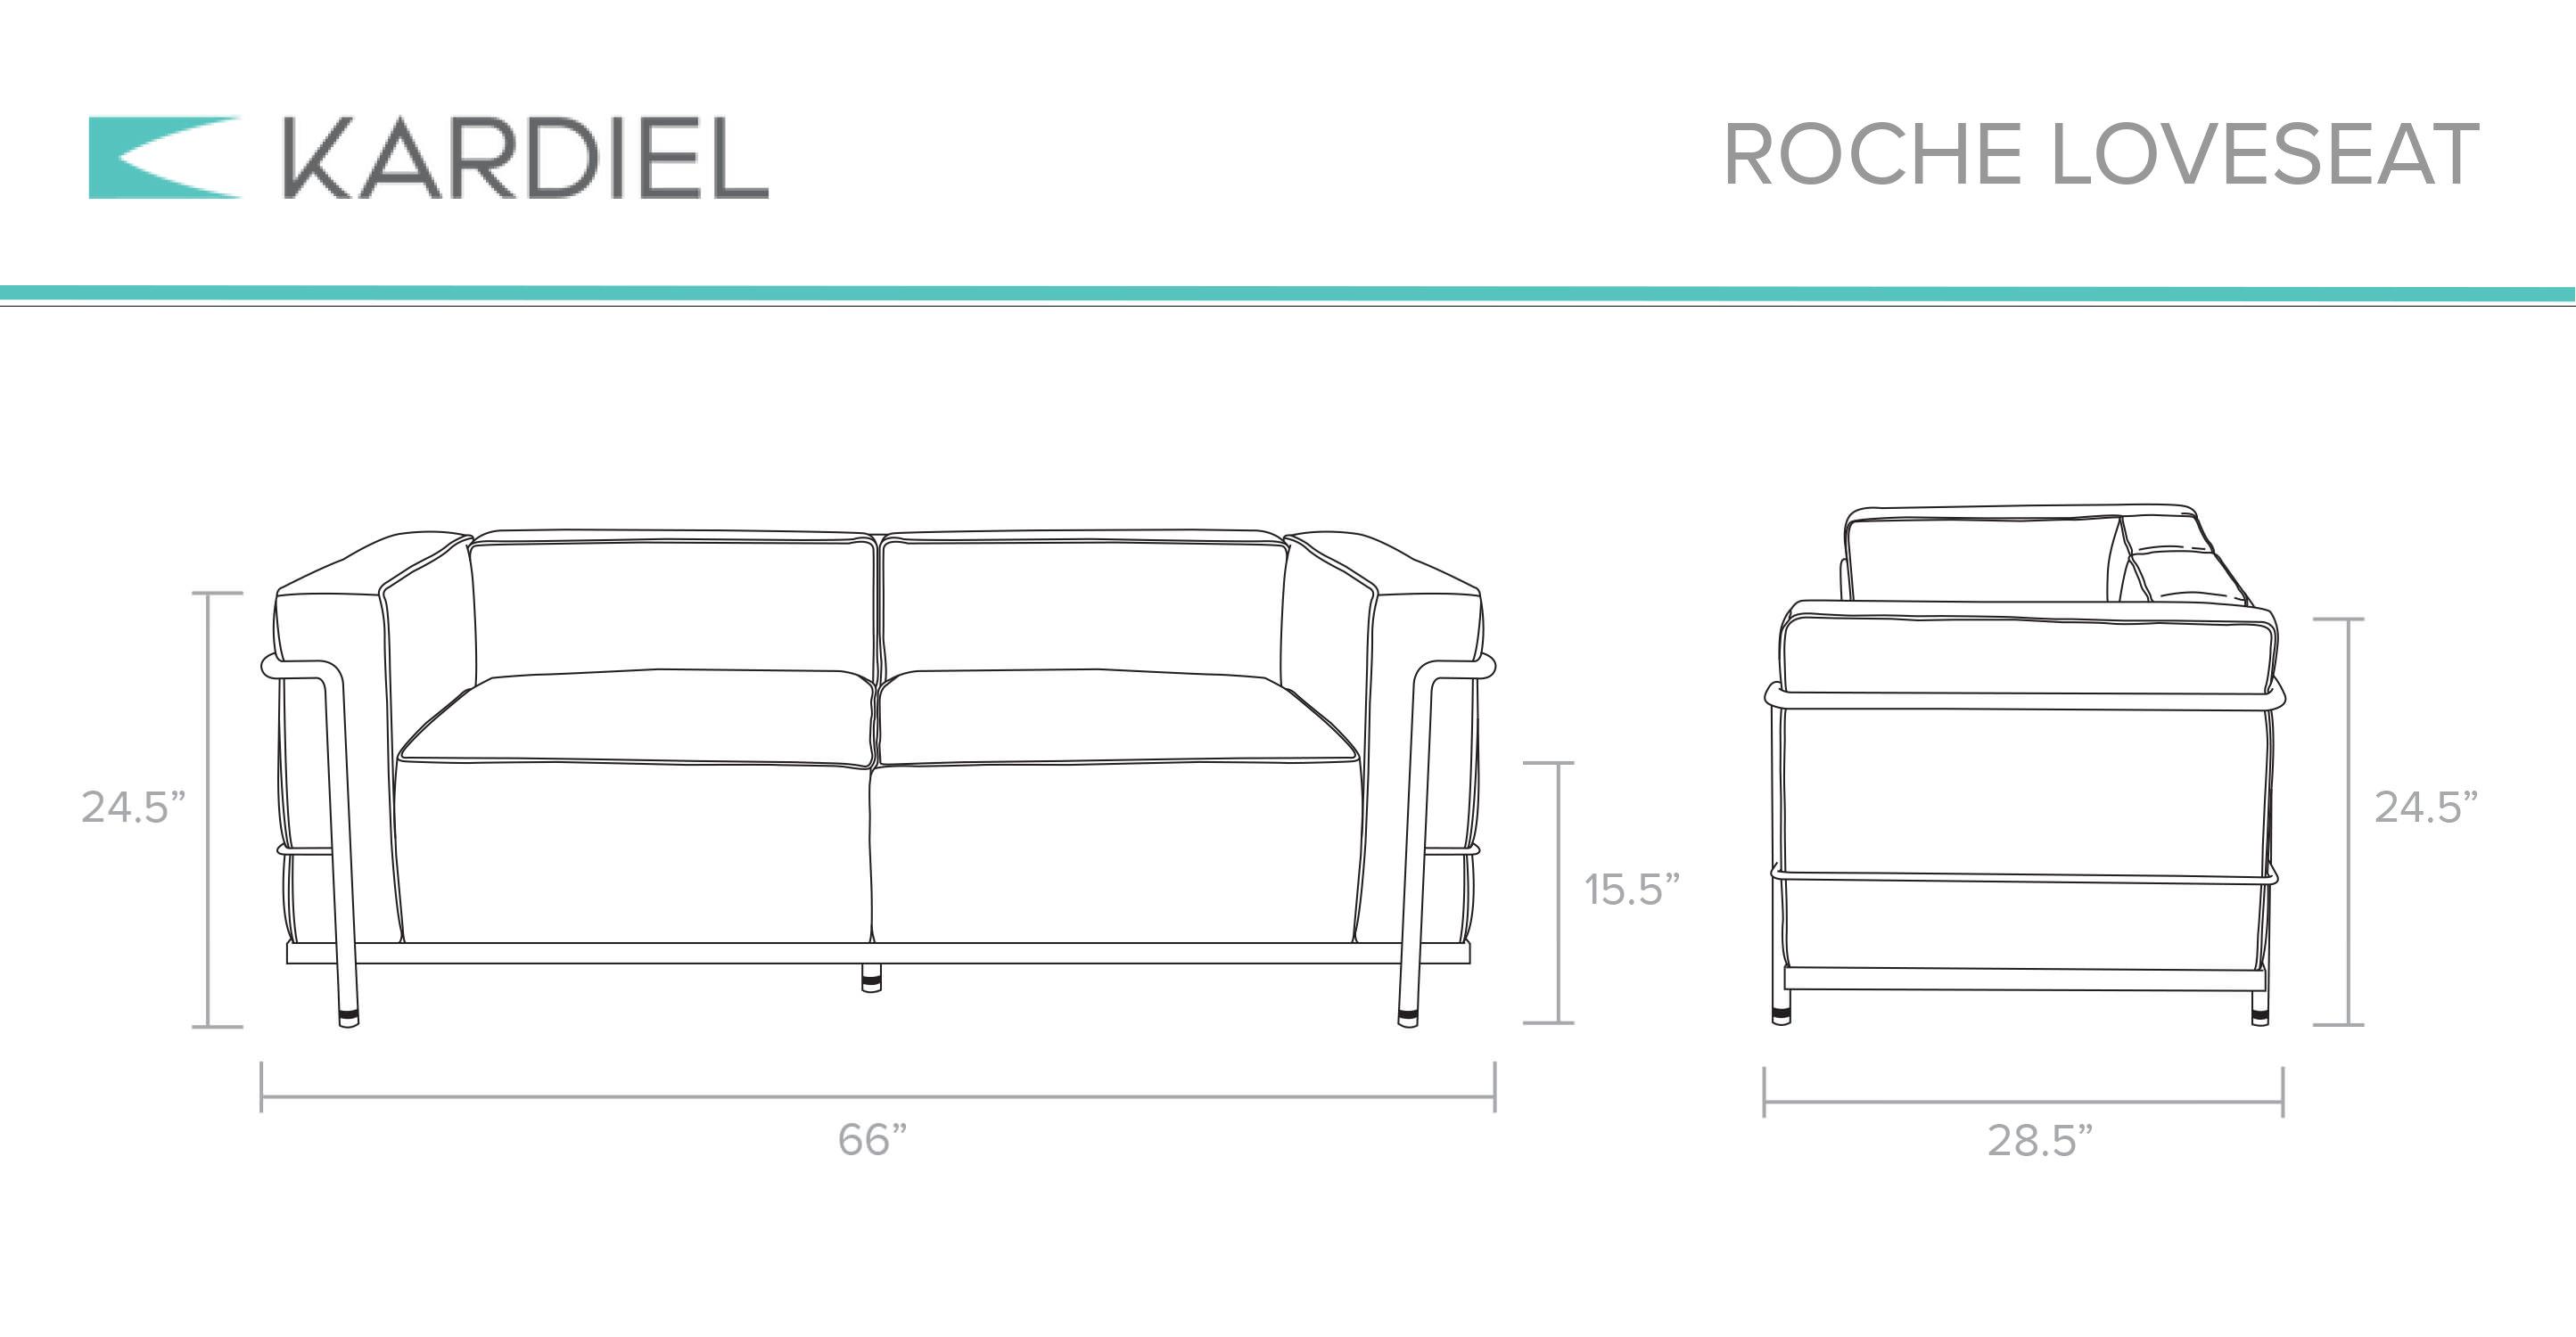 drawings-roche2.jpg